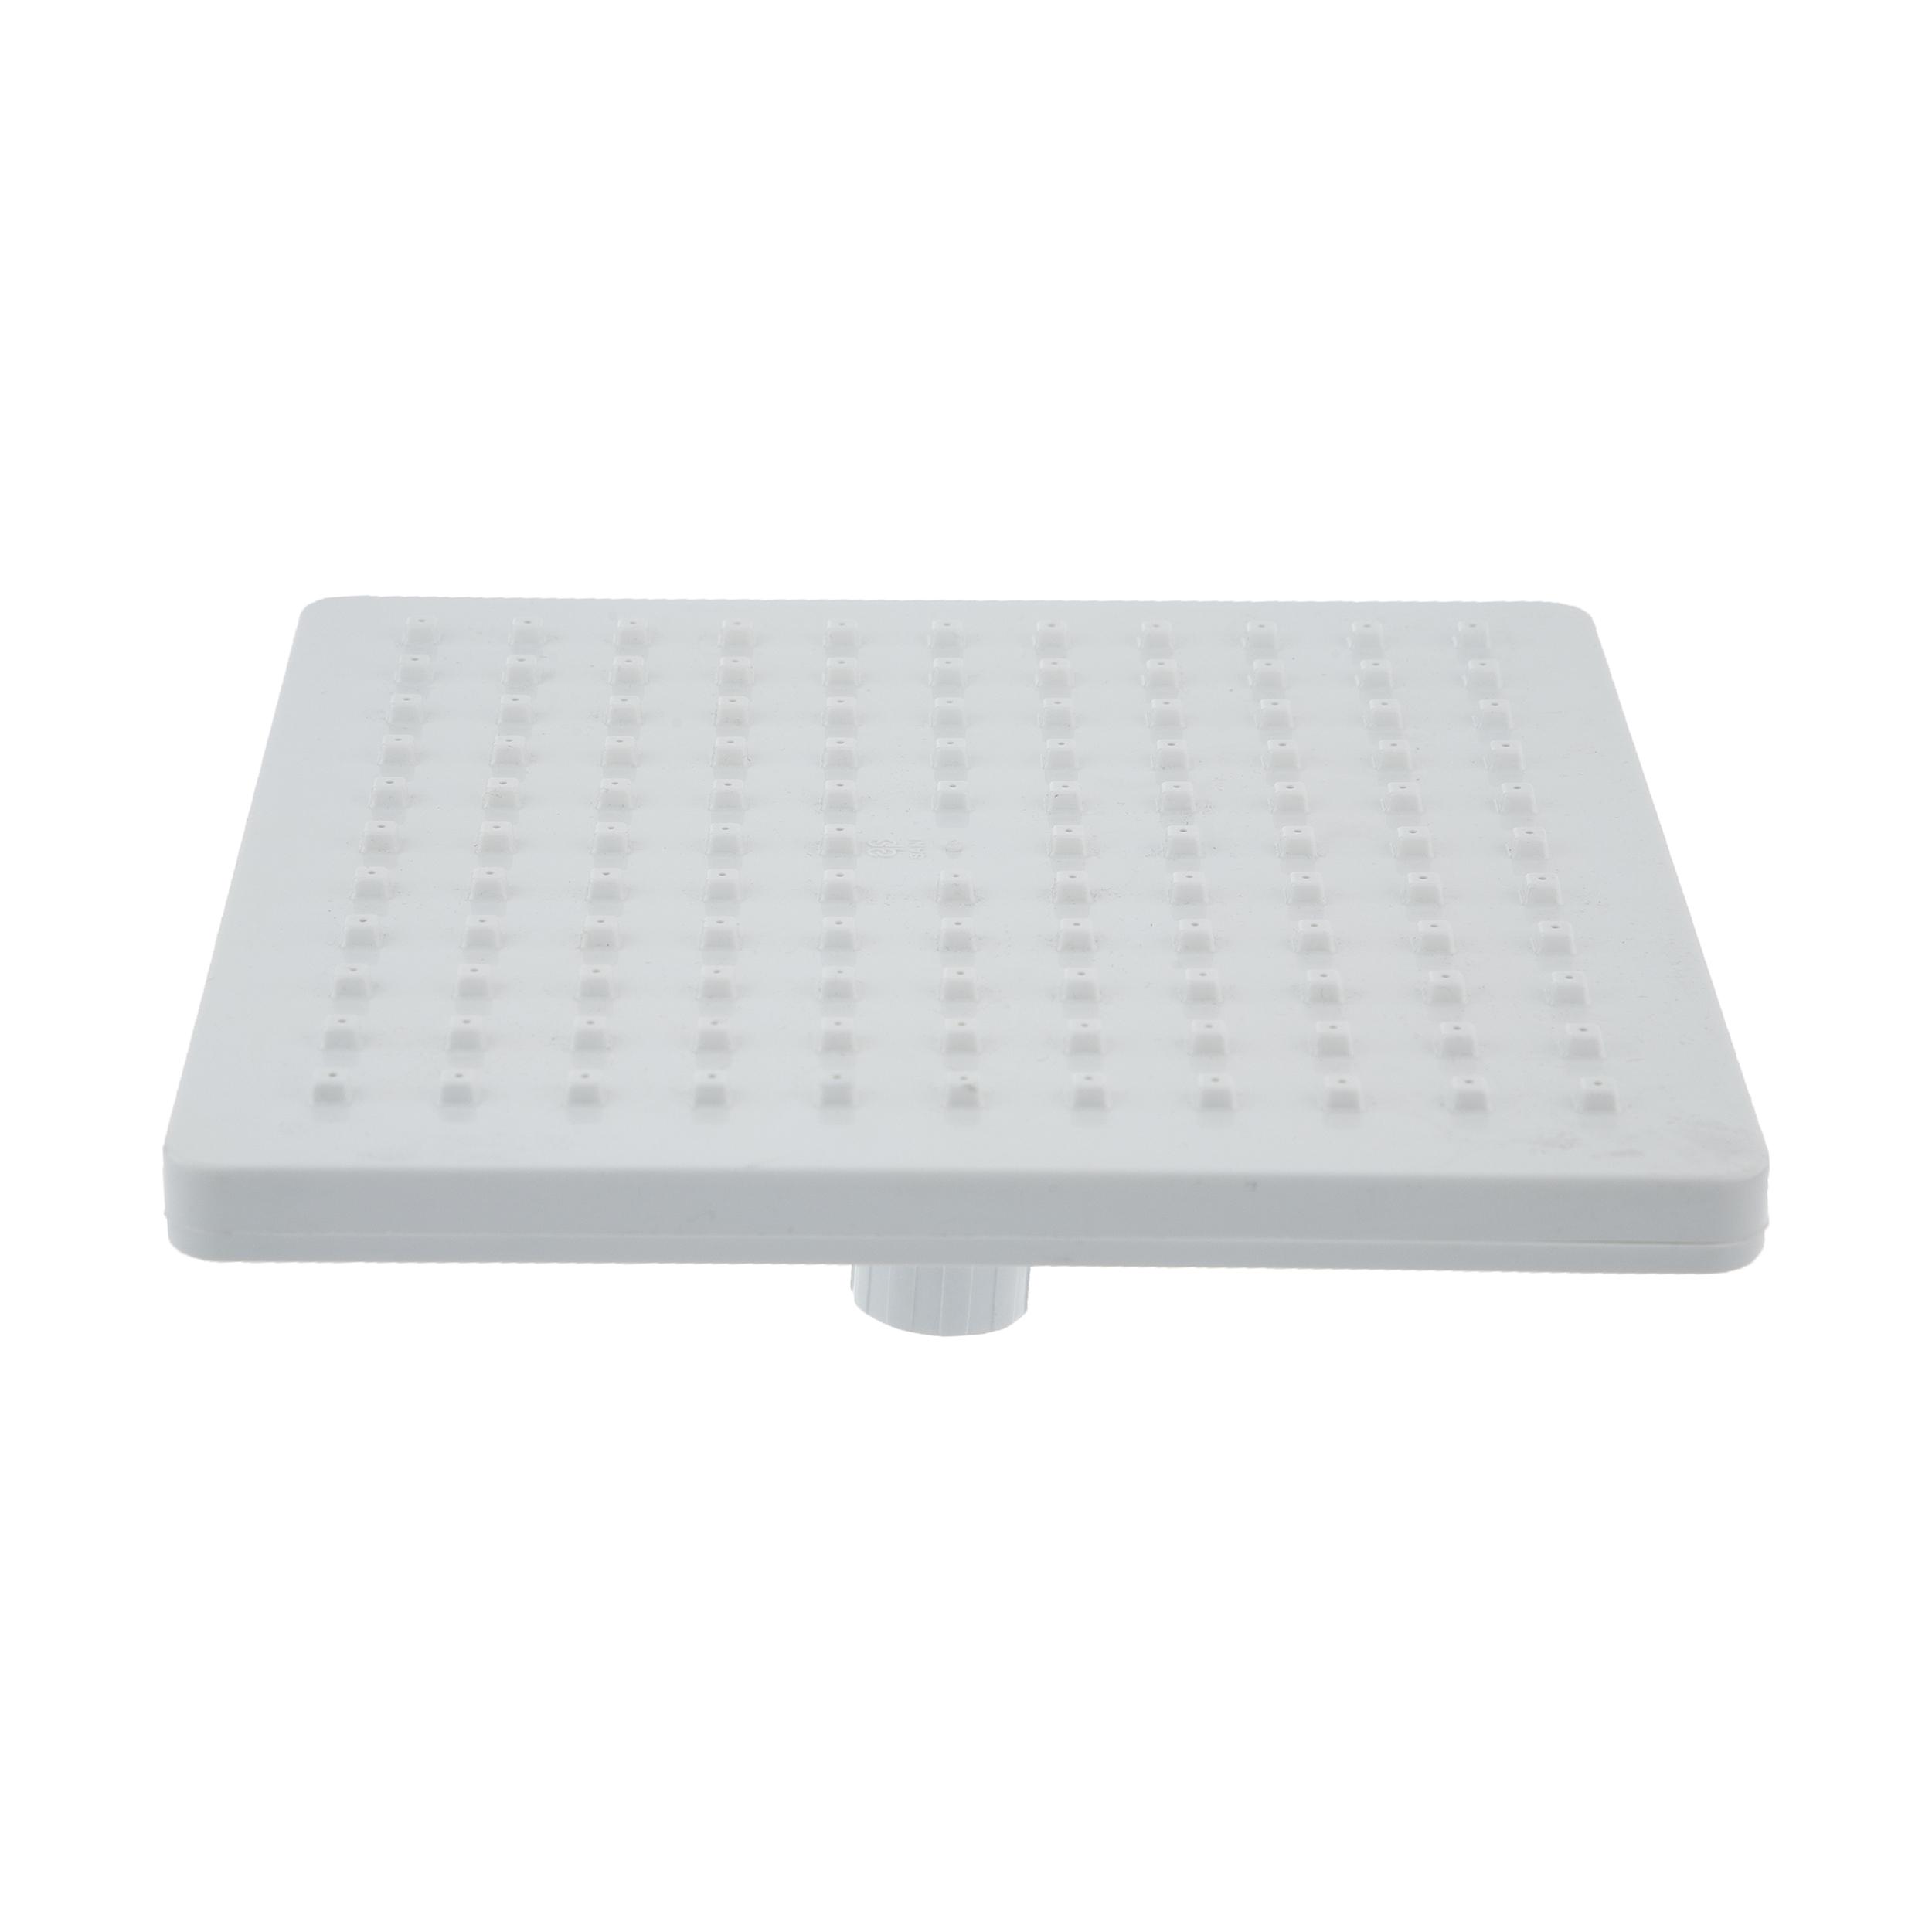 قیمت                                      سردوش حمام سنی پلاستیک مدل فلورا کد 01